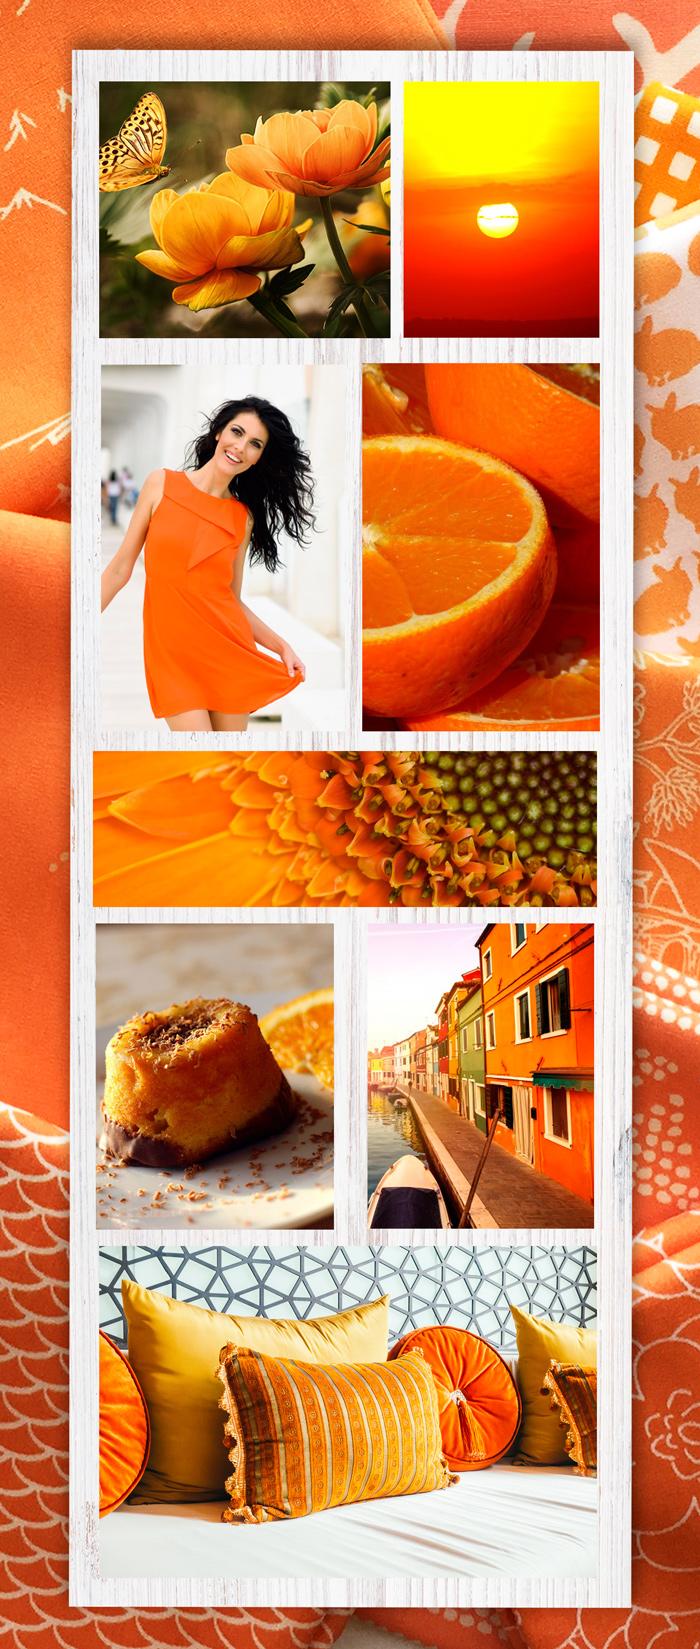 Mood-board-on-pics-tangerine